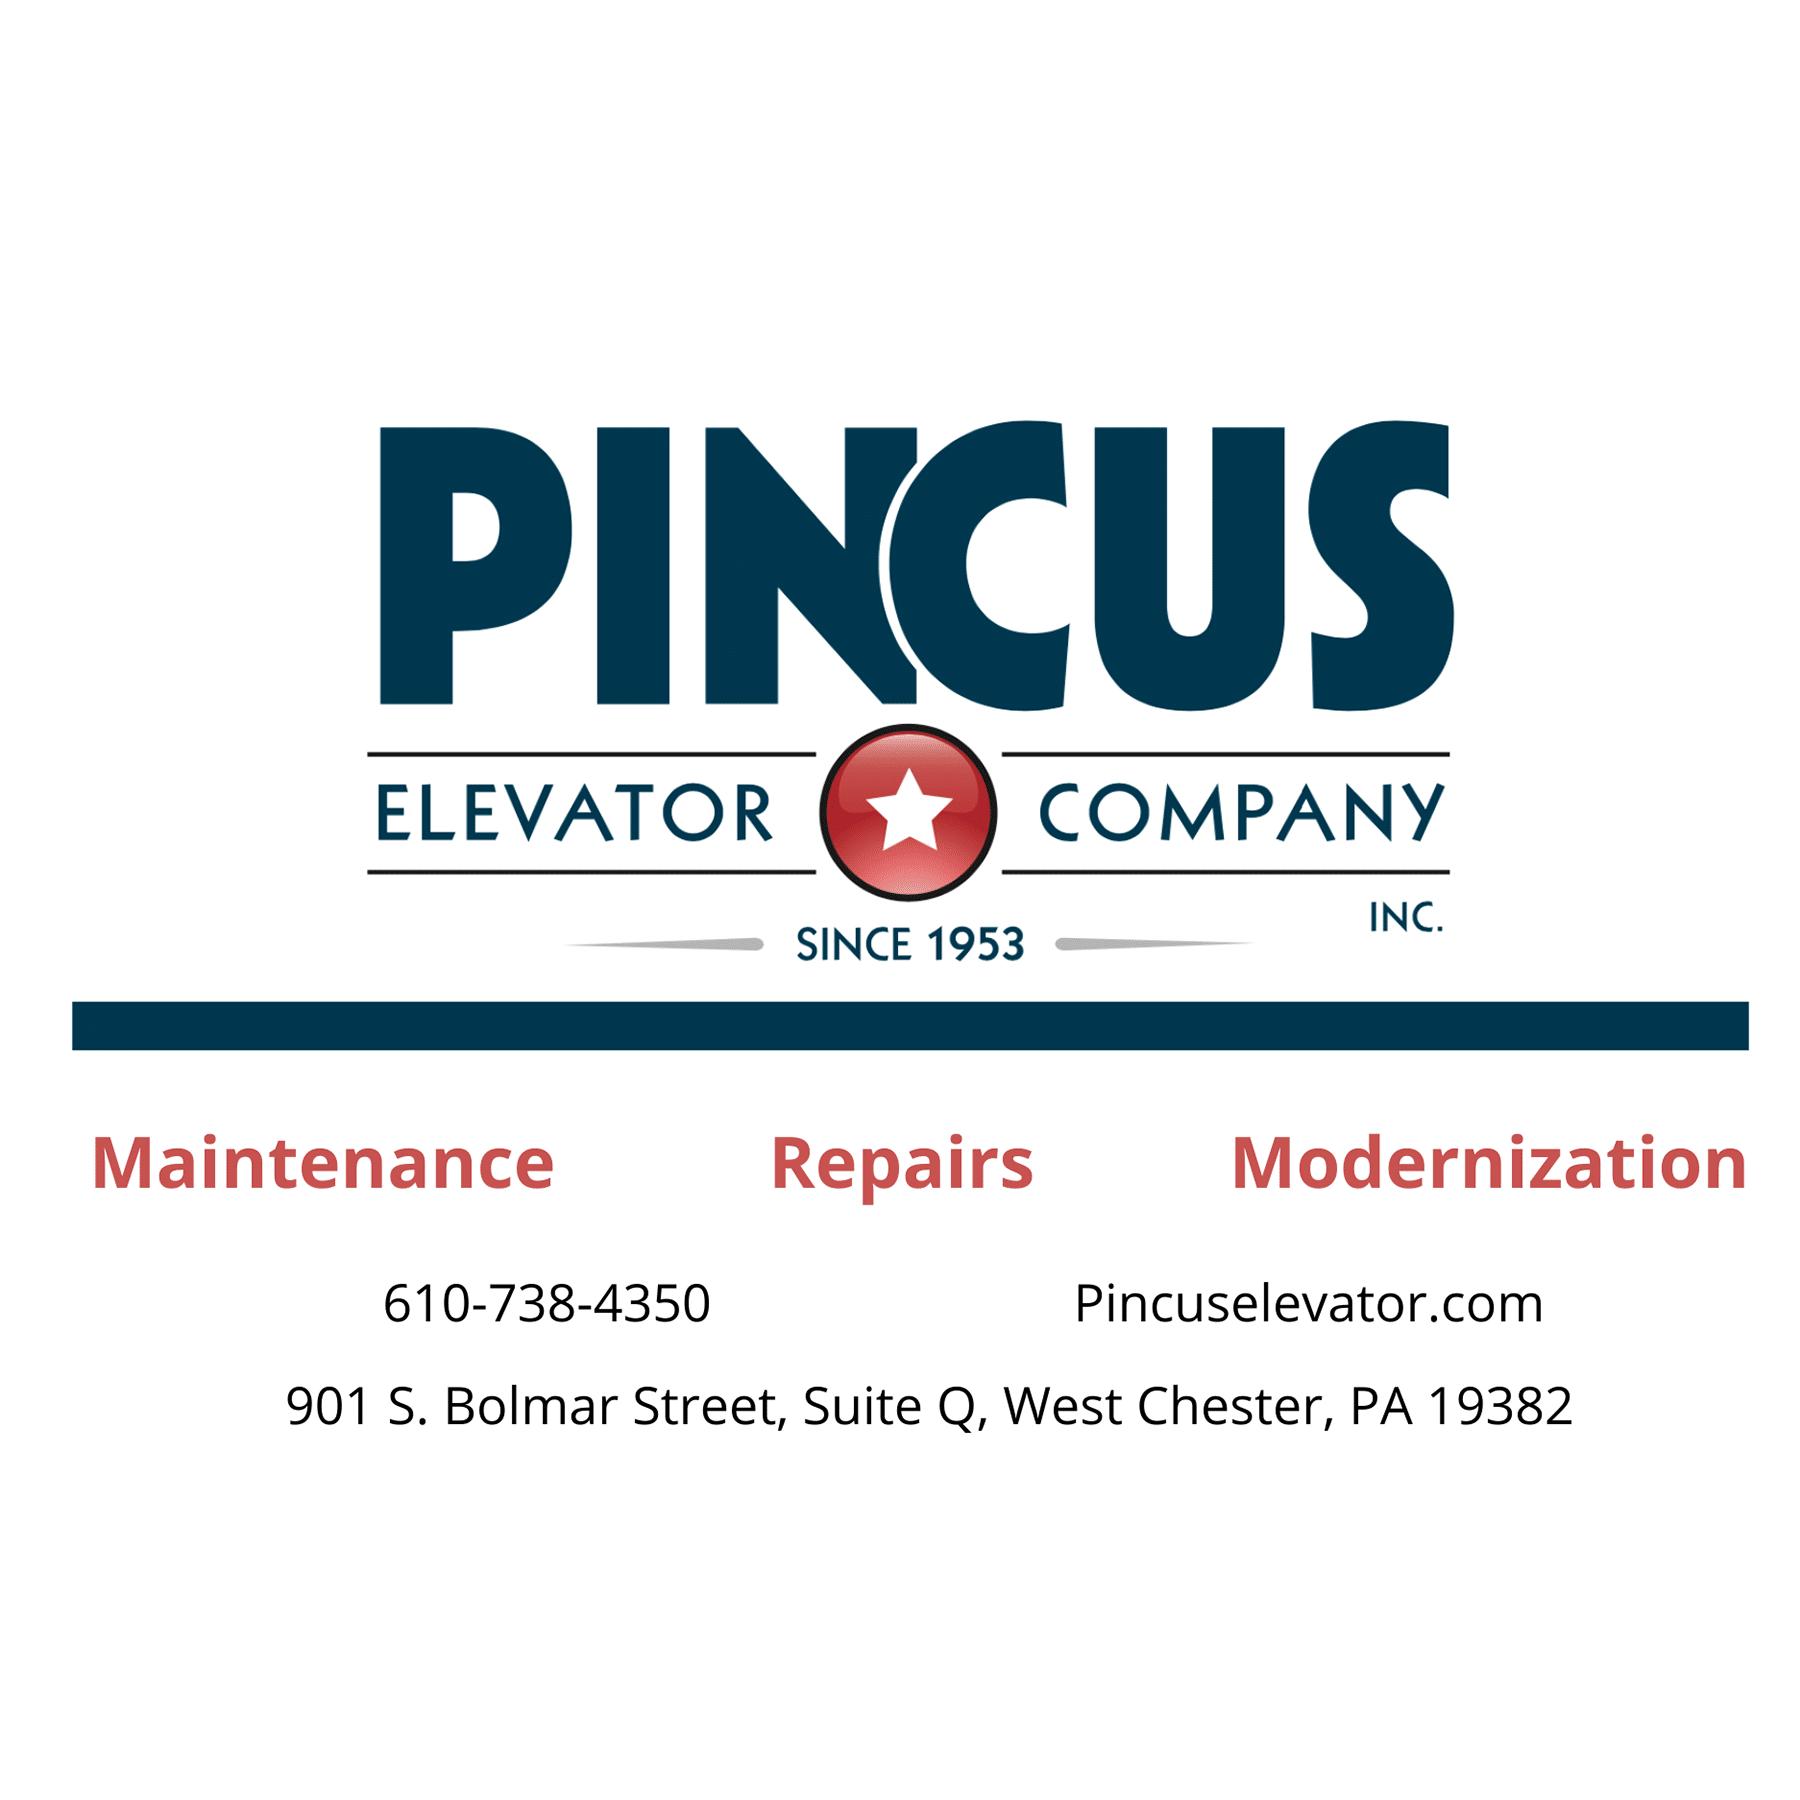 Pincus_Full_ad_(1)